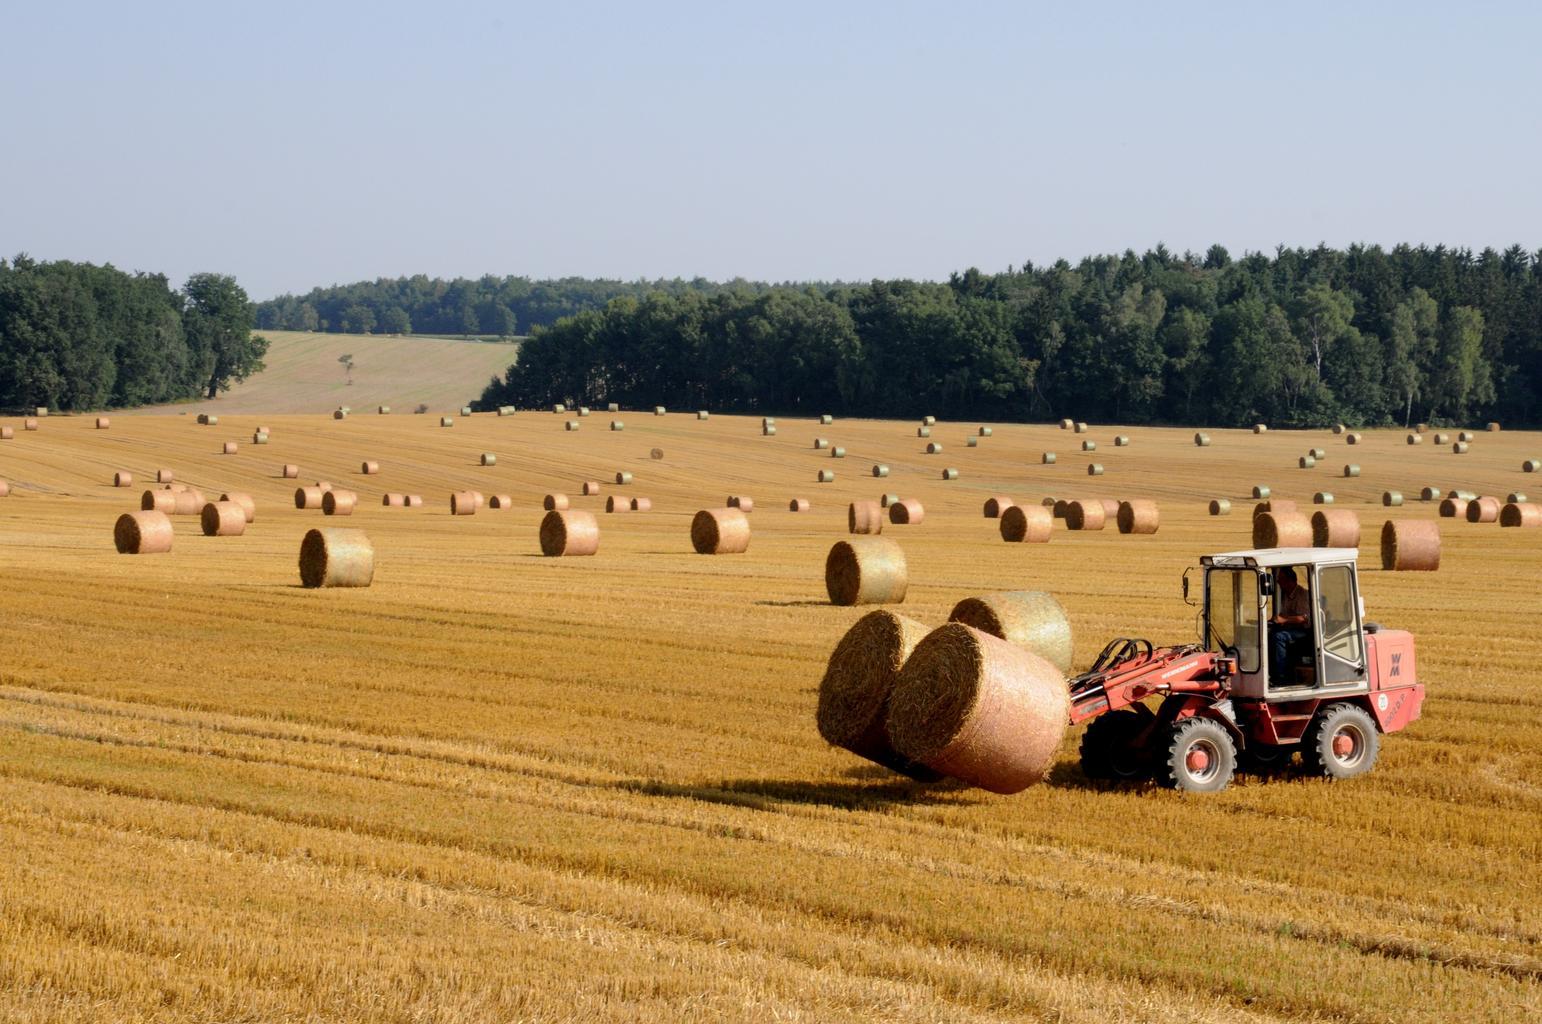 Relația dintre fermieri si traderii de cereale; Agribusiness în România; fermieri ce nu pot onora contracte către cumpărători; stiri agricole